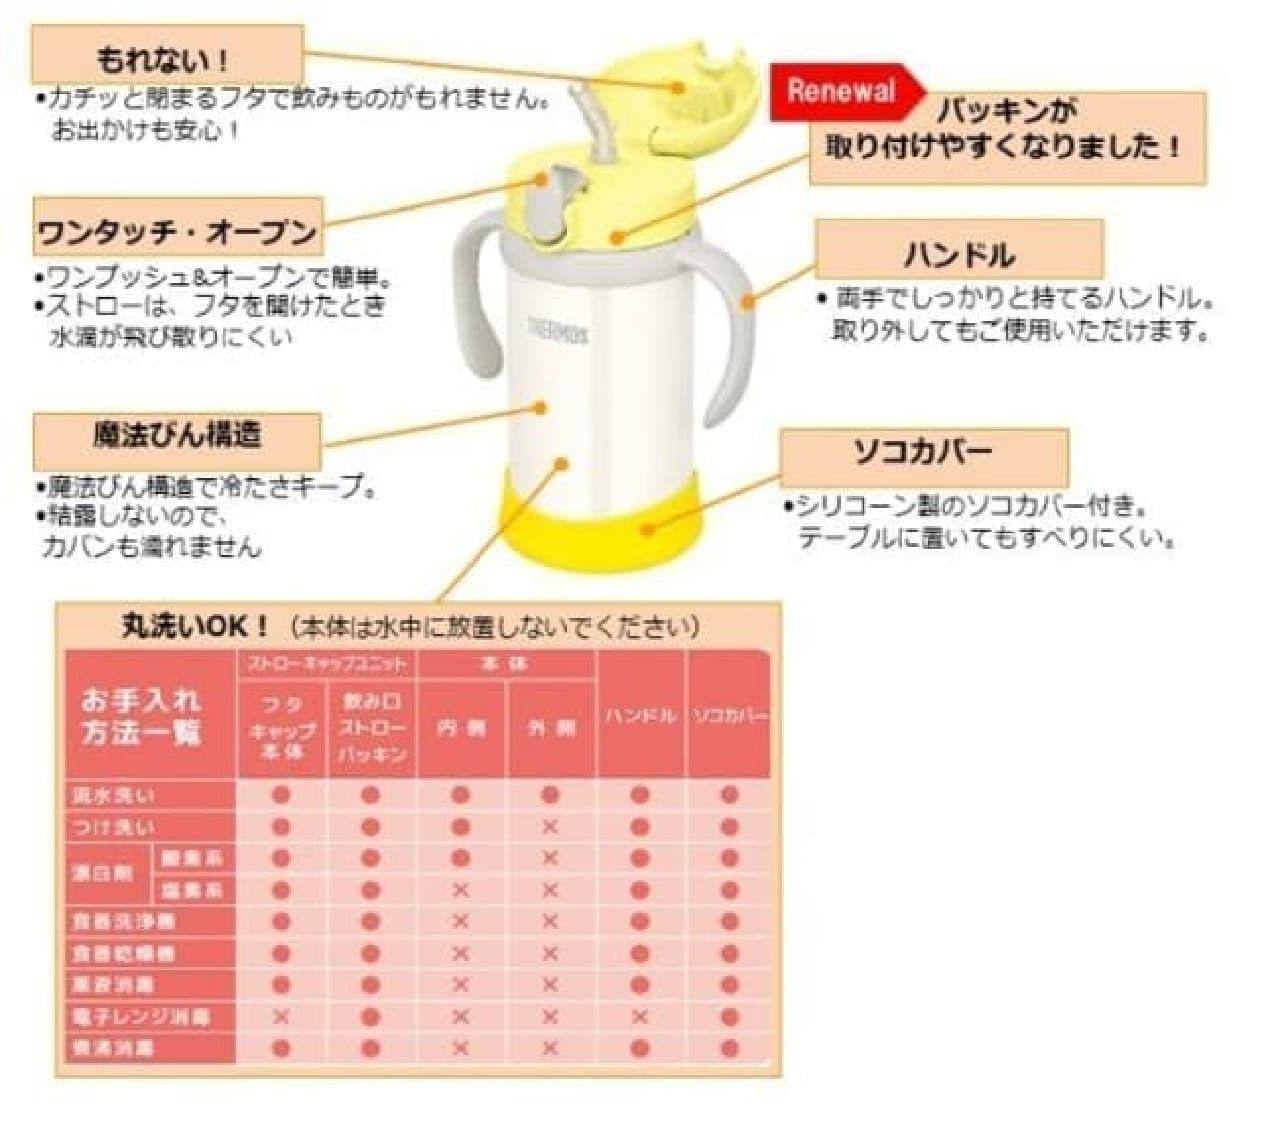 「サーモス まほうびんのベビーストローマグ」リニューアル -- 可愛いパステルカラー3種